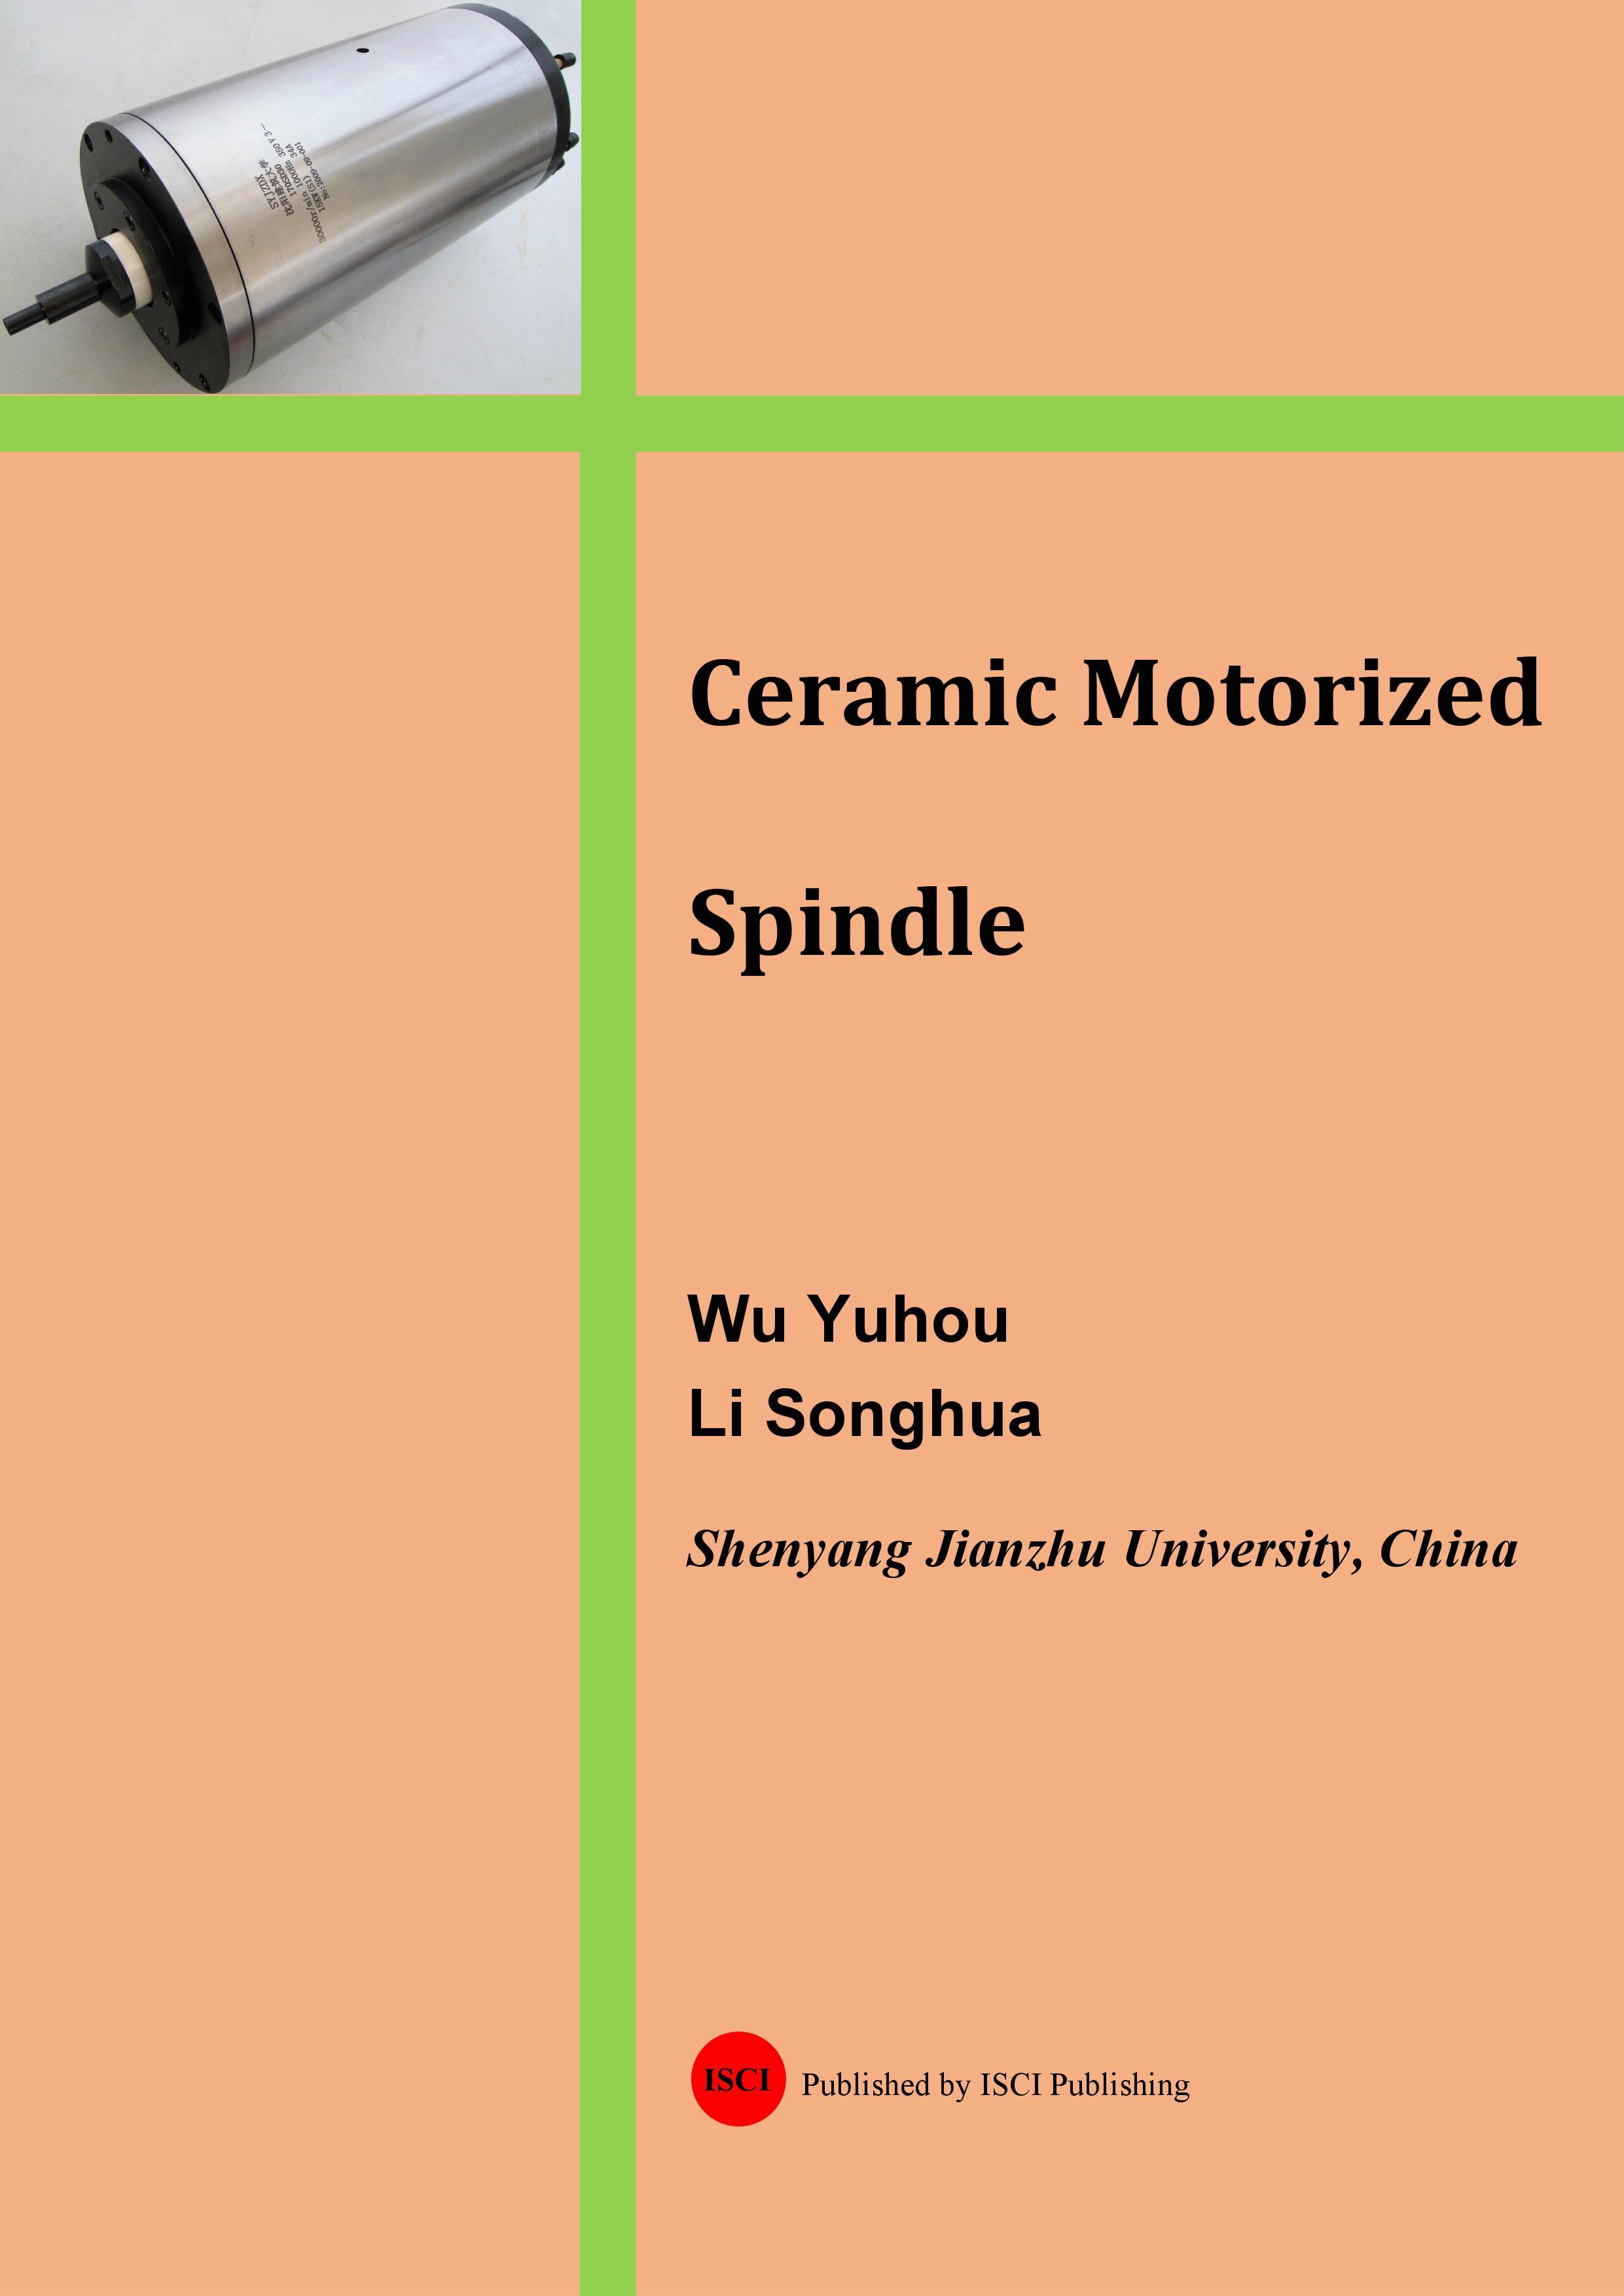 Smashwords Ceramic Motorized Spindle A Book By Iscipublishing